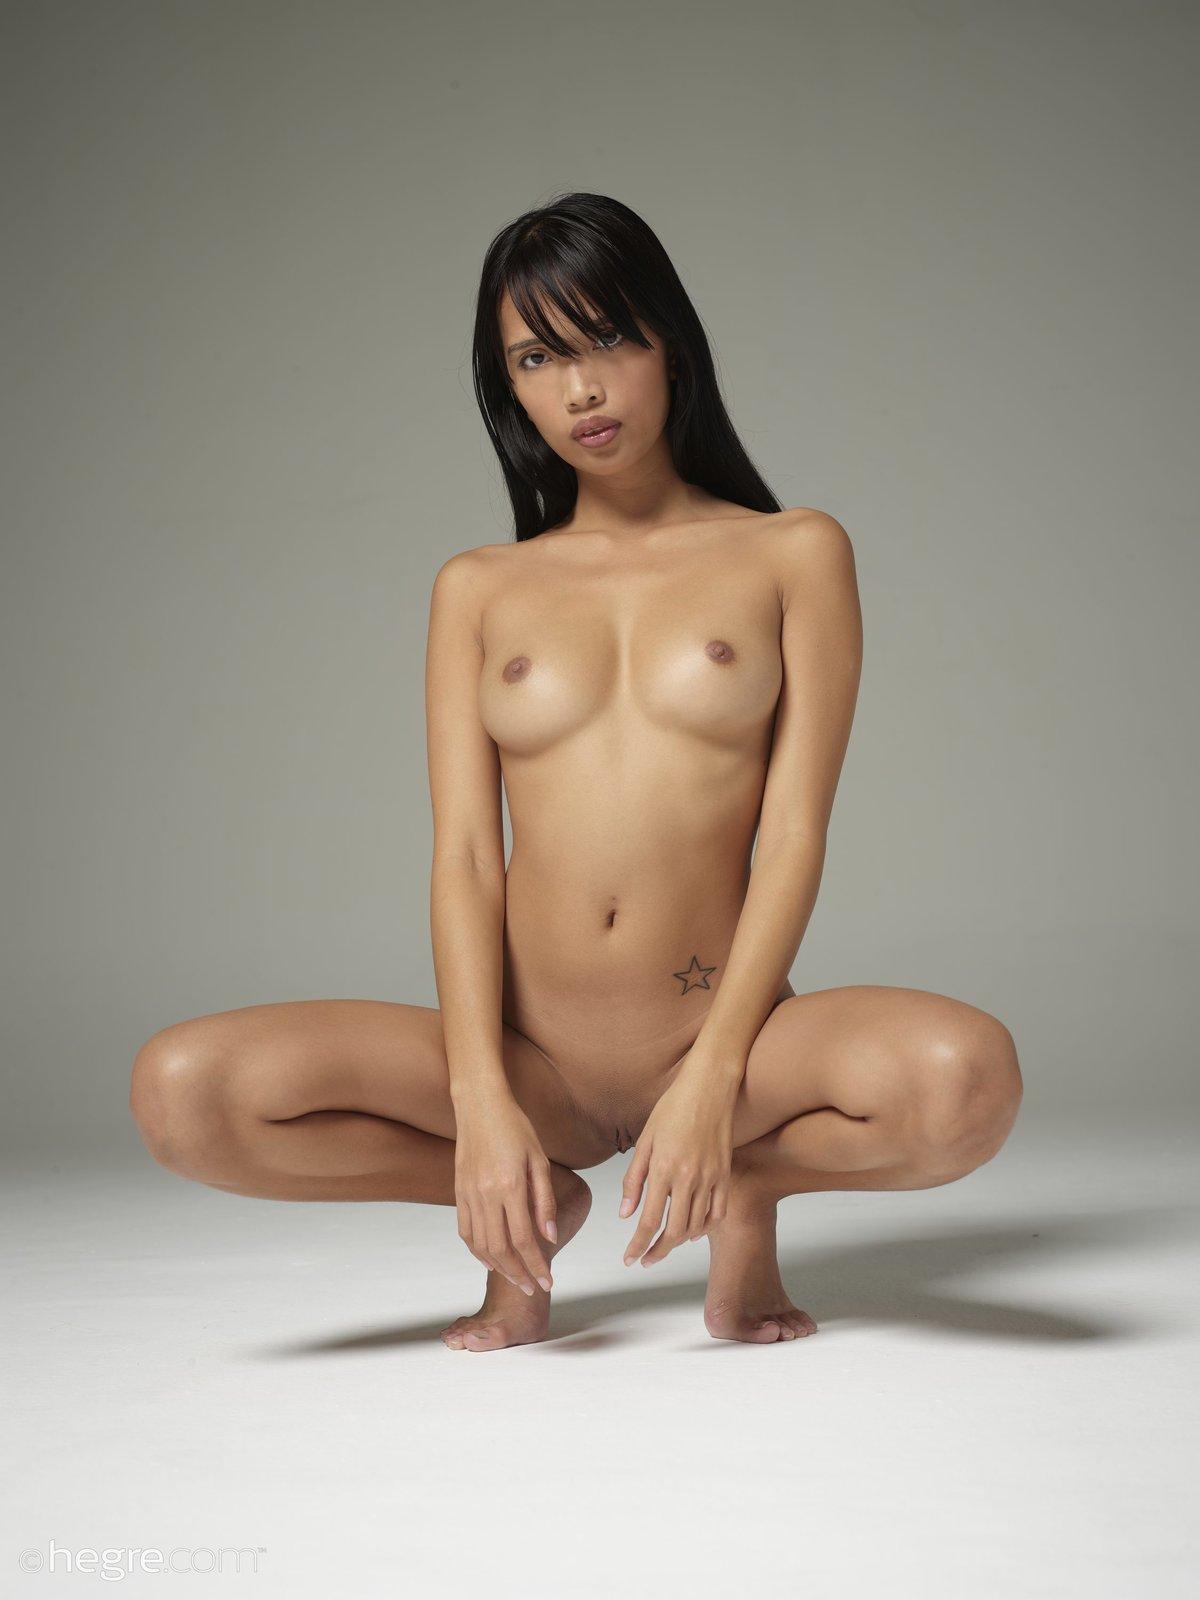 Girl nude asian Asian Babes